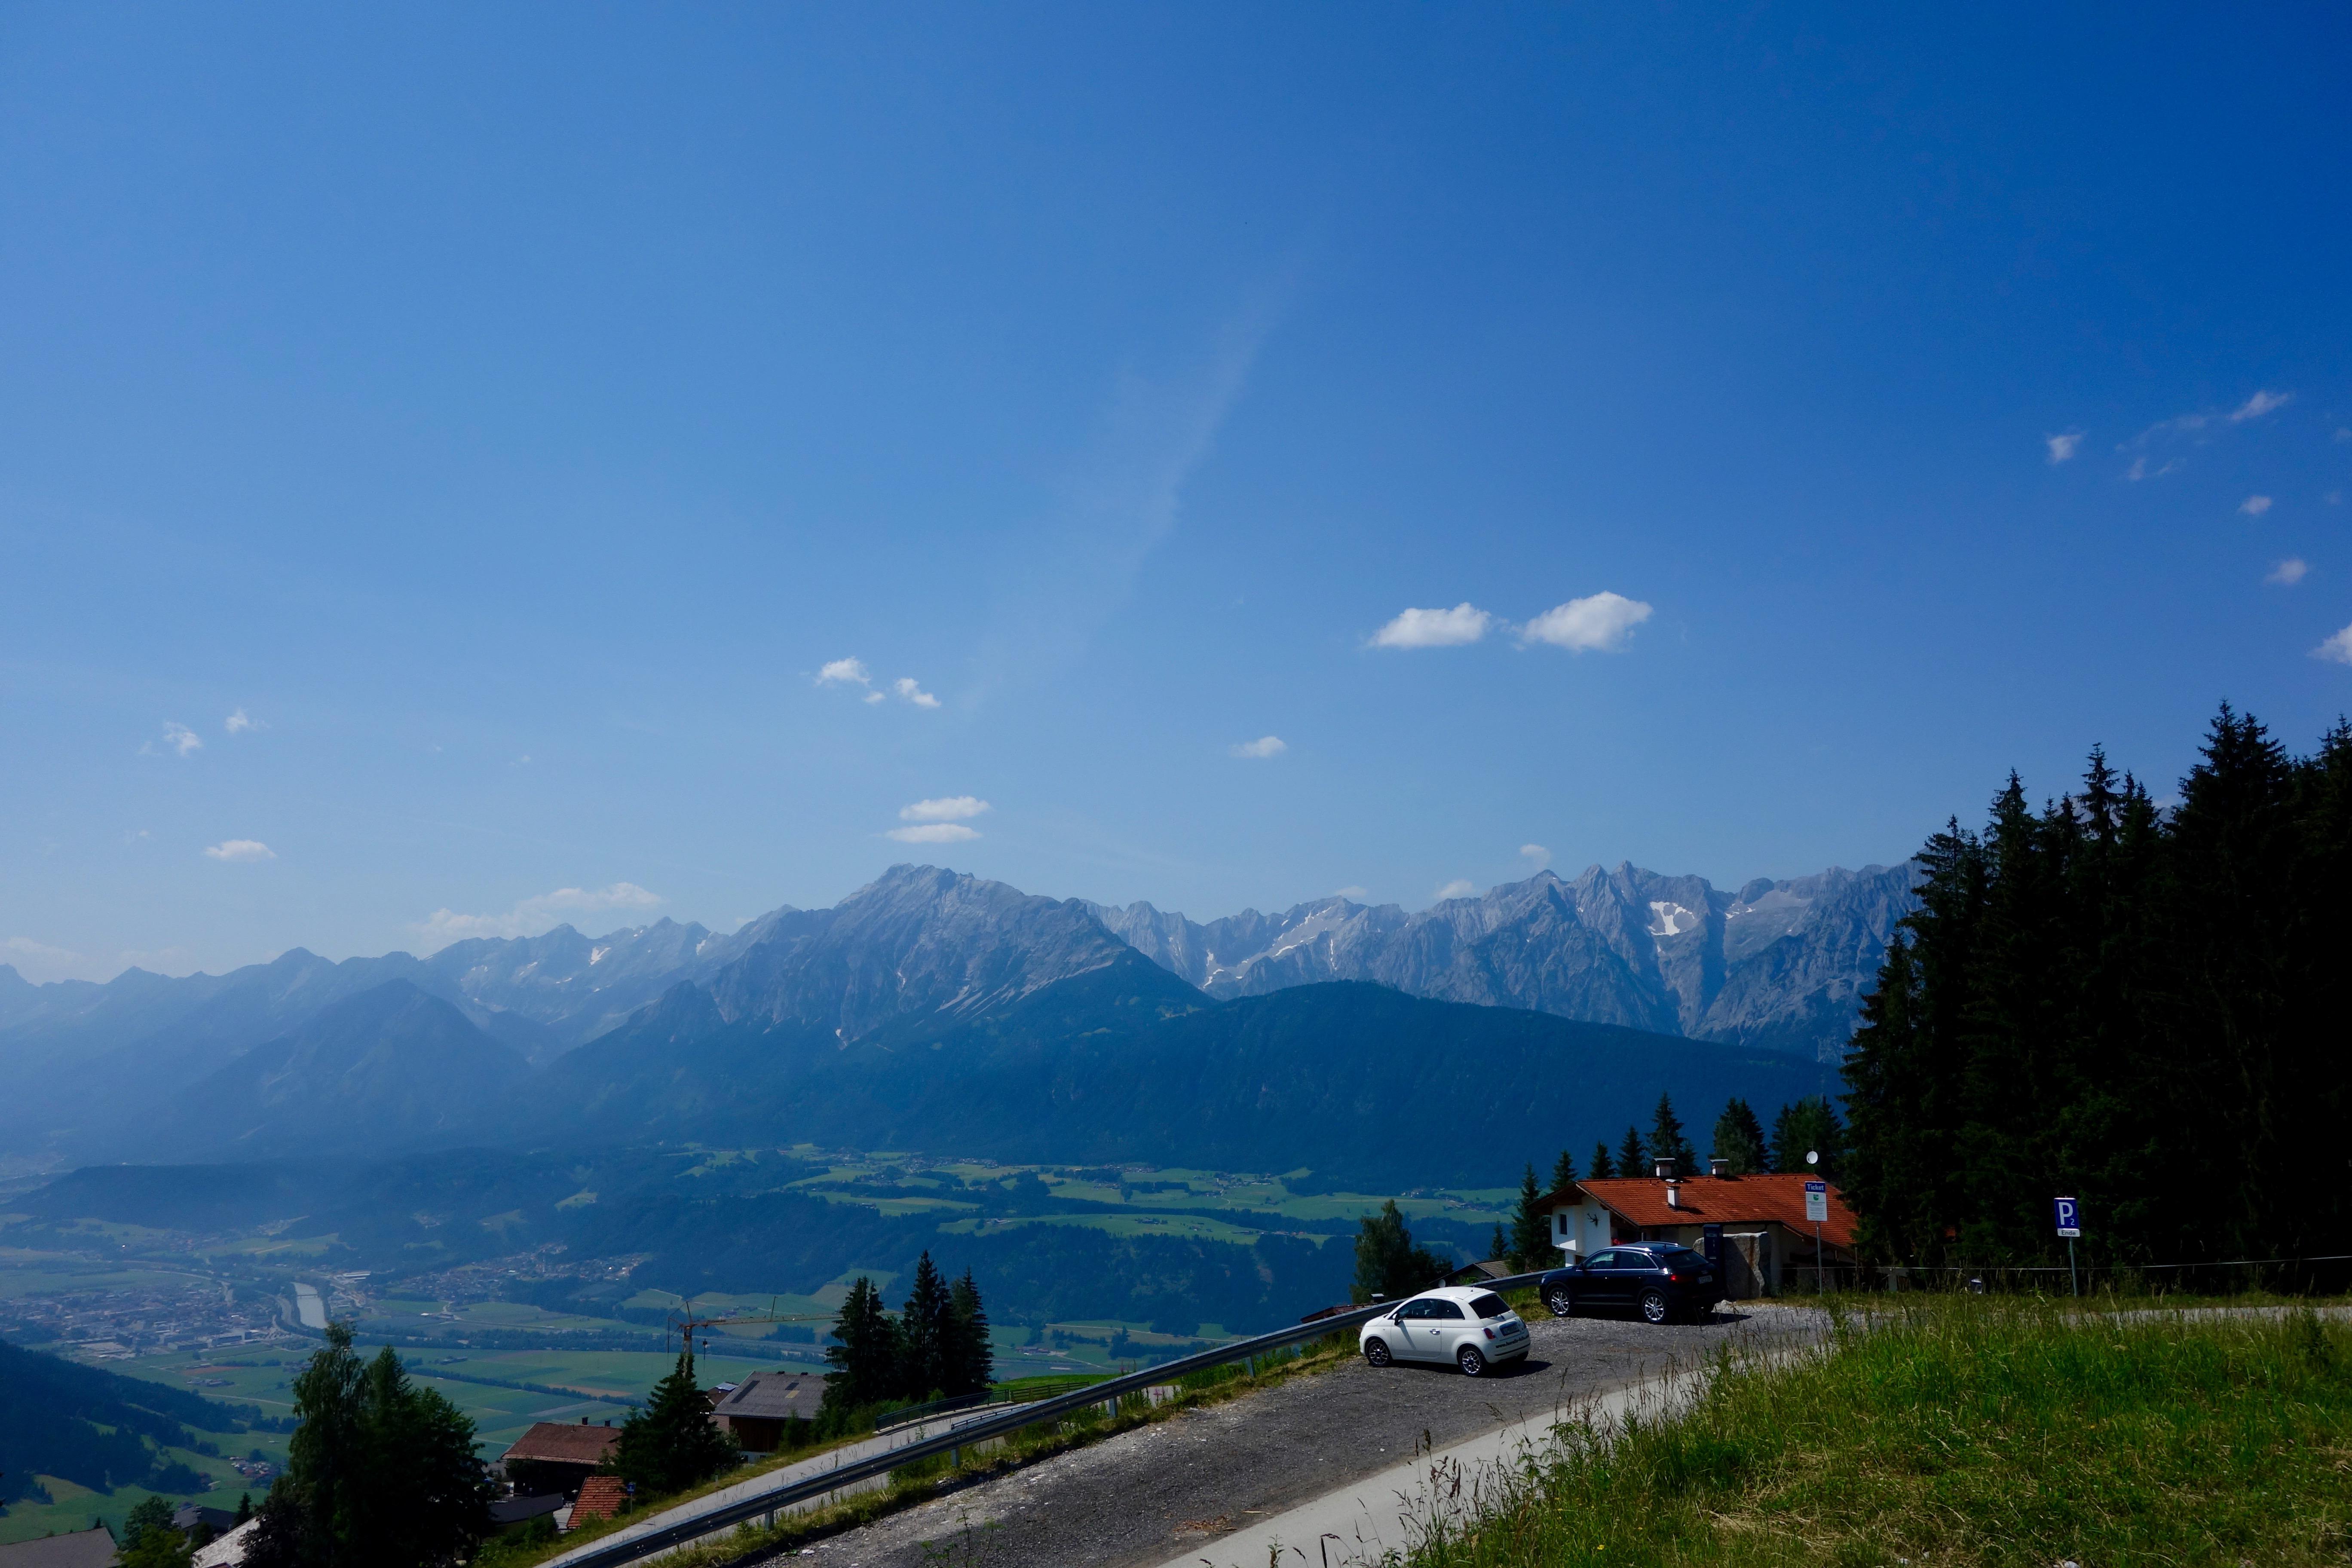 Aussicht auf das Tiroler Inntal